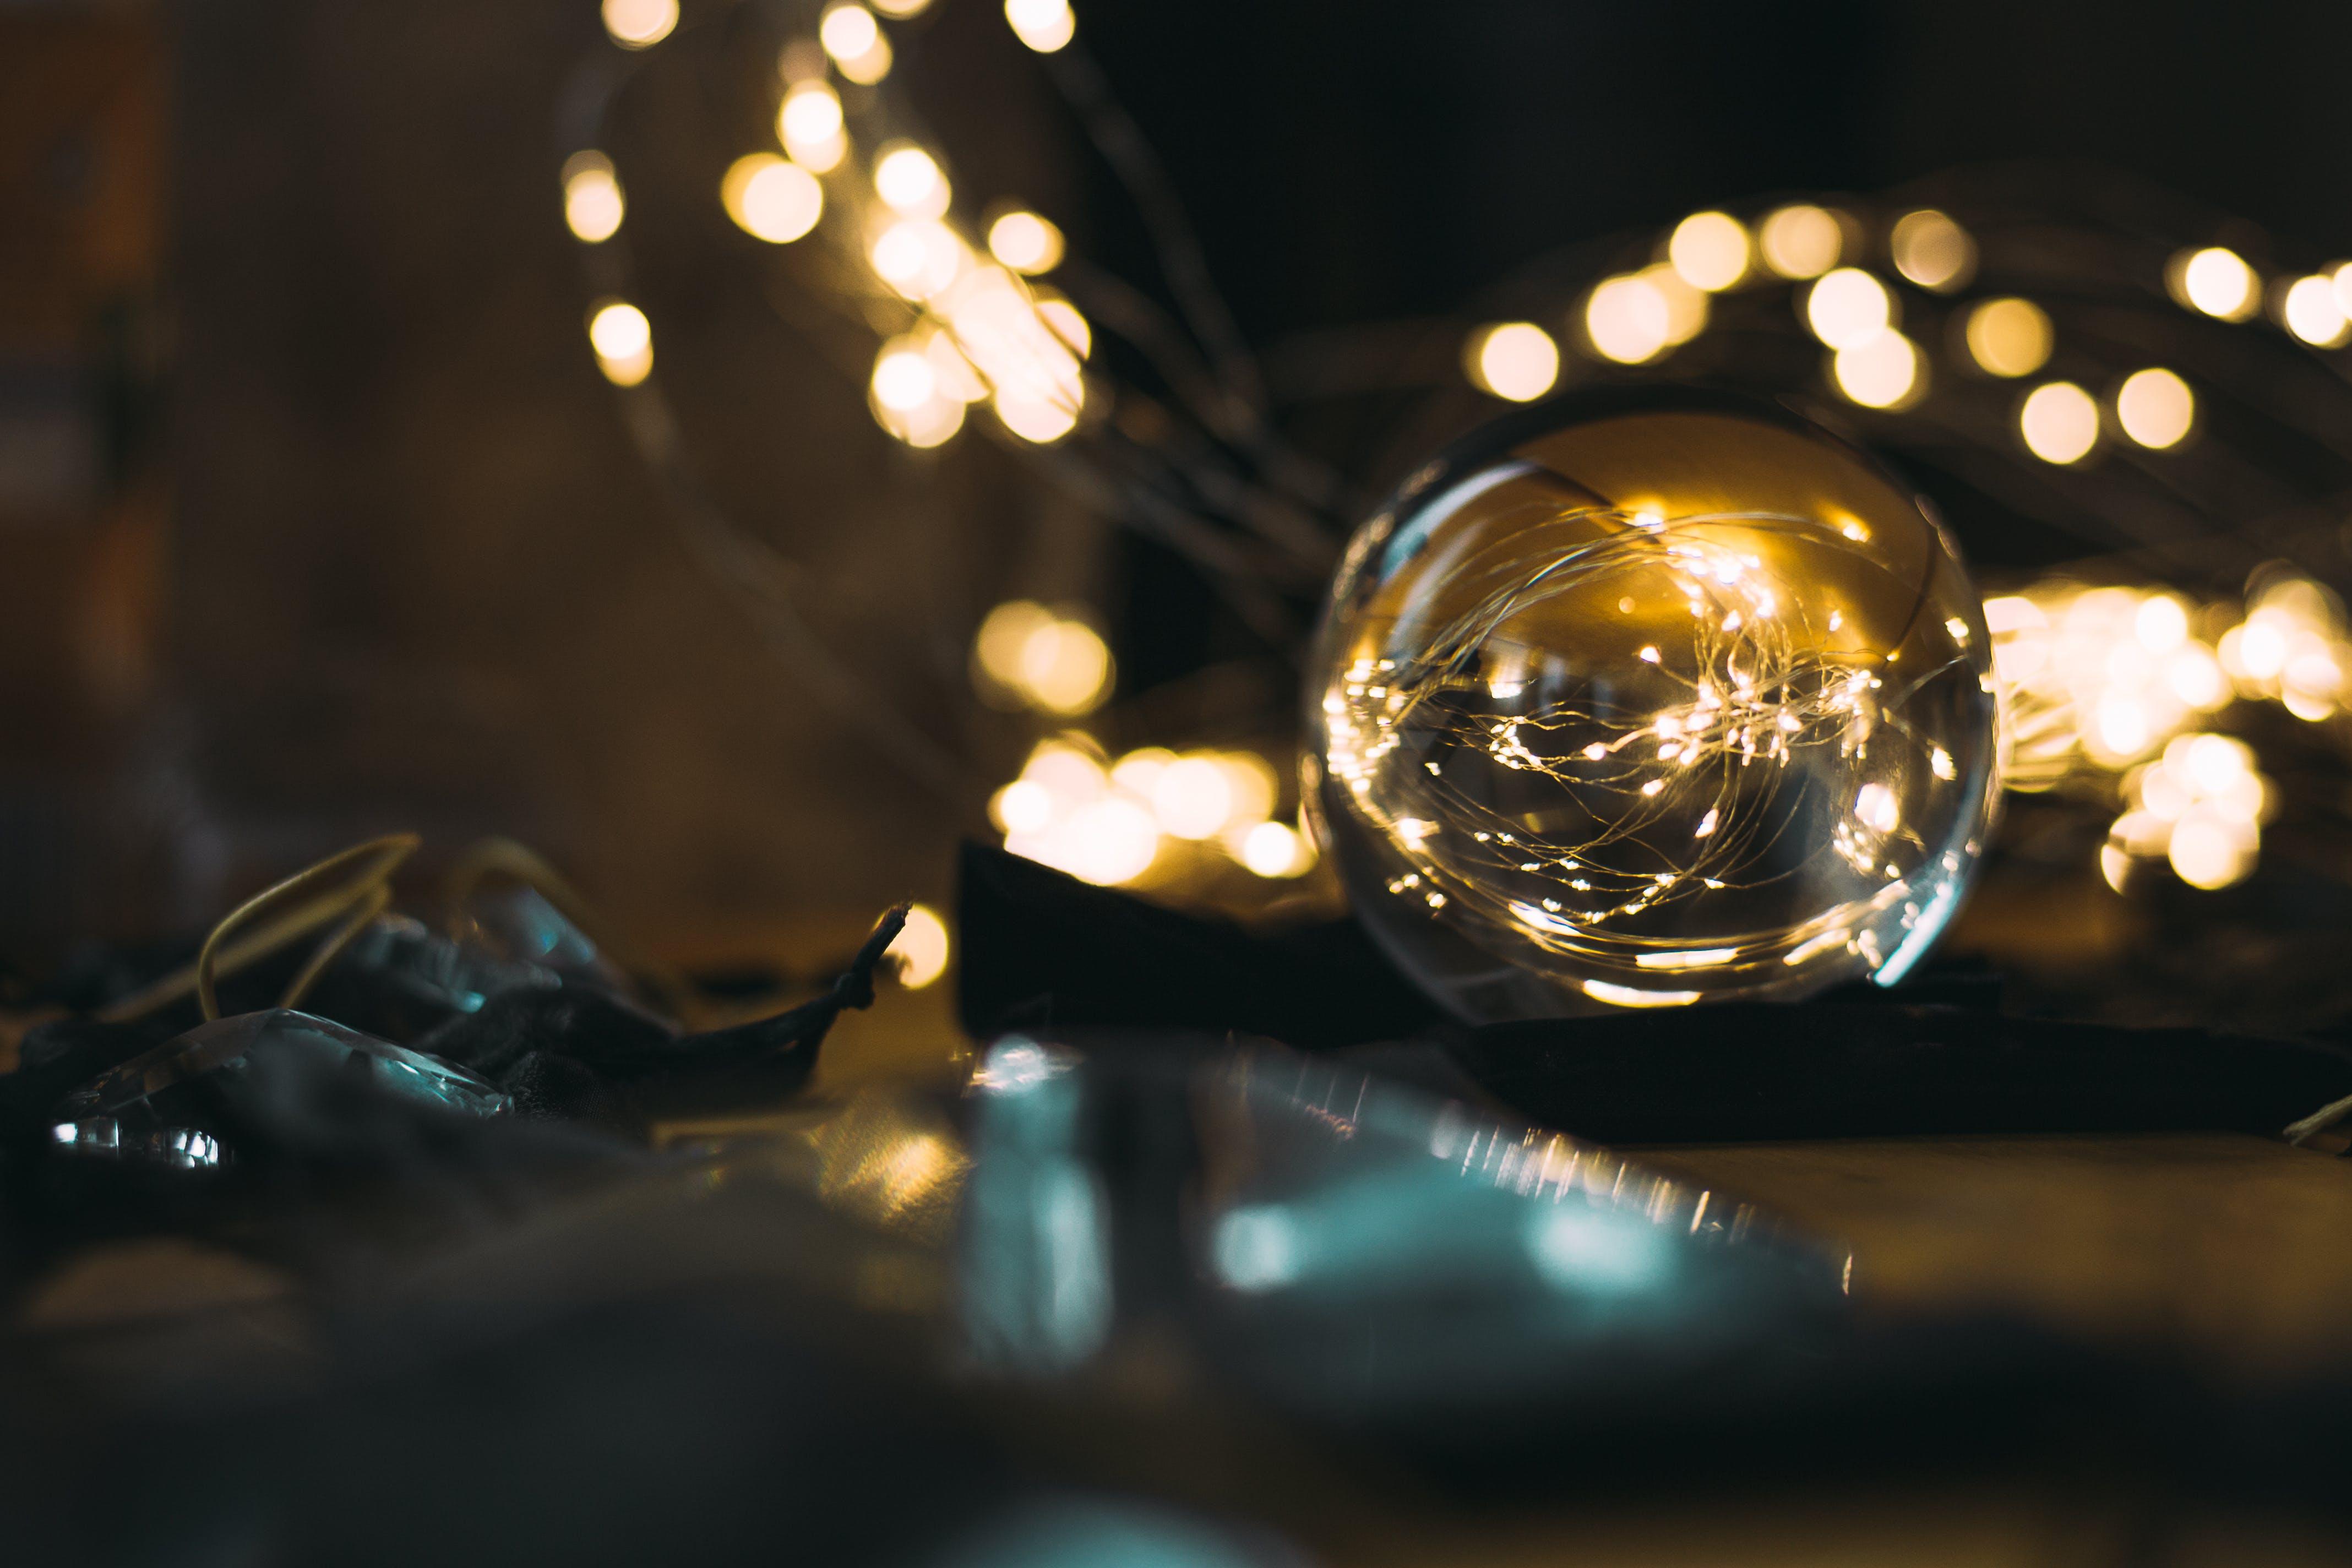 Δωρεάν στοκ φωτογραφιών με bokeh, Lensball, αντικείμενο, απόχρωση